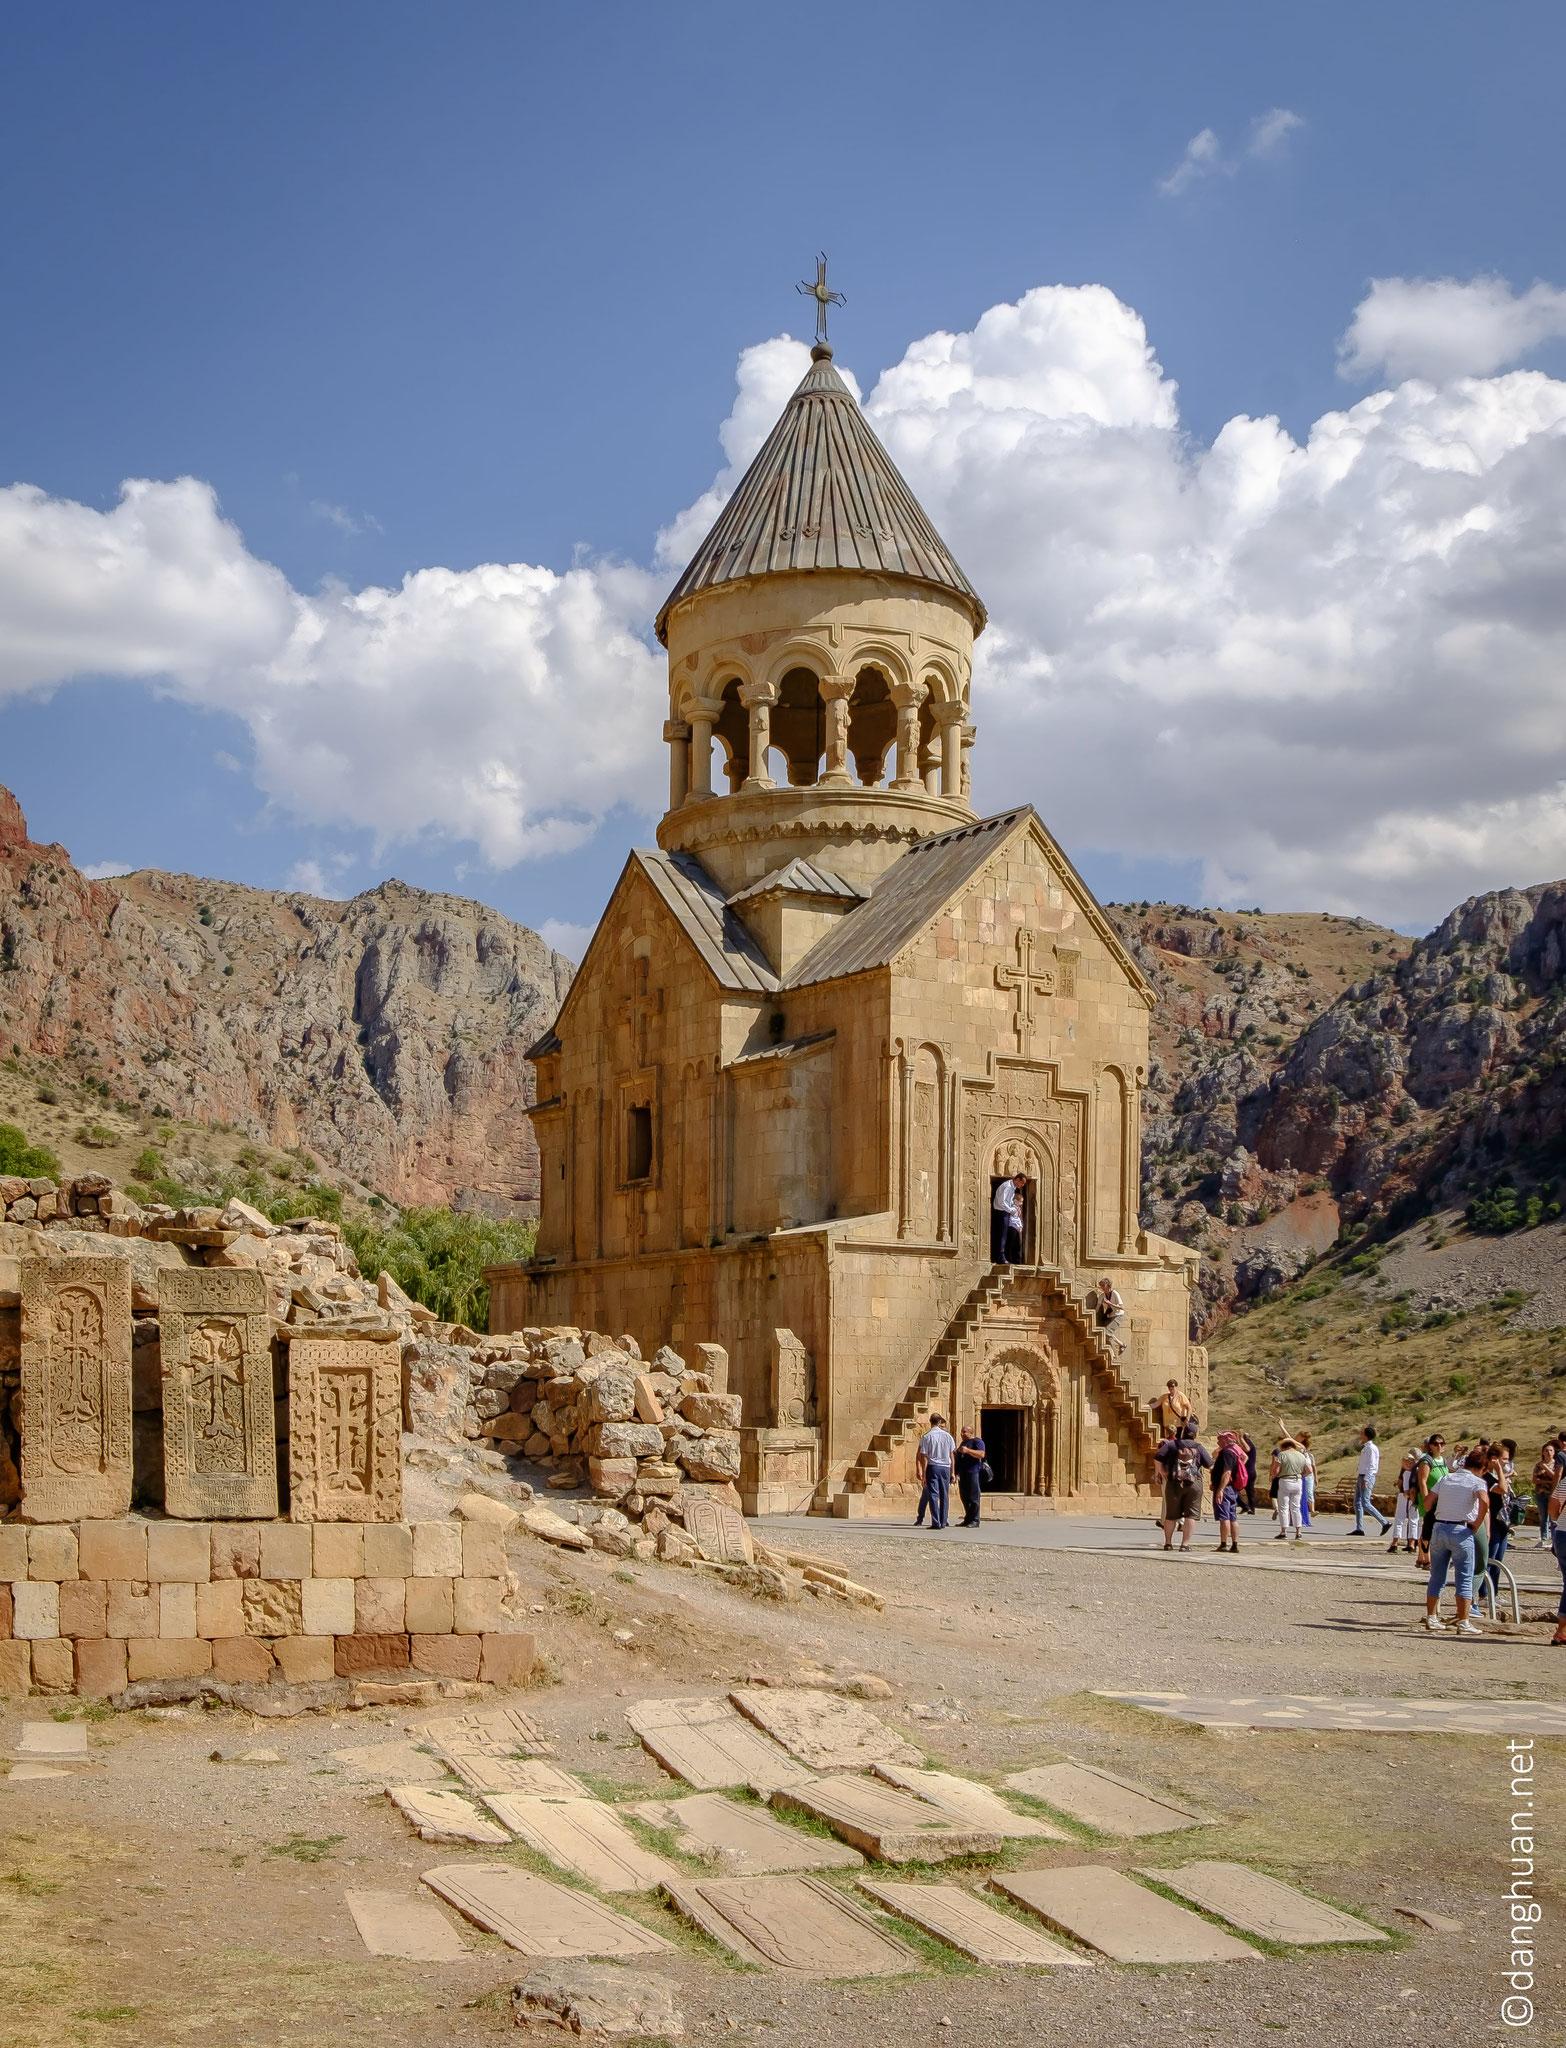 ...  le complexe est refondé au XIIe siècle mais date essentiellement des XIIIe et XIVe siècles